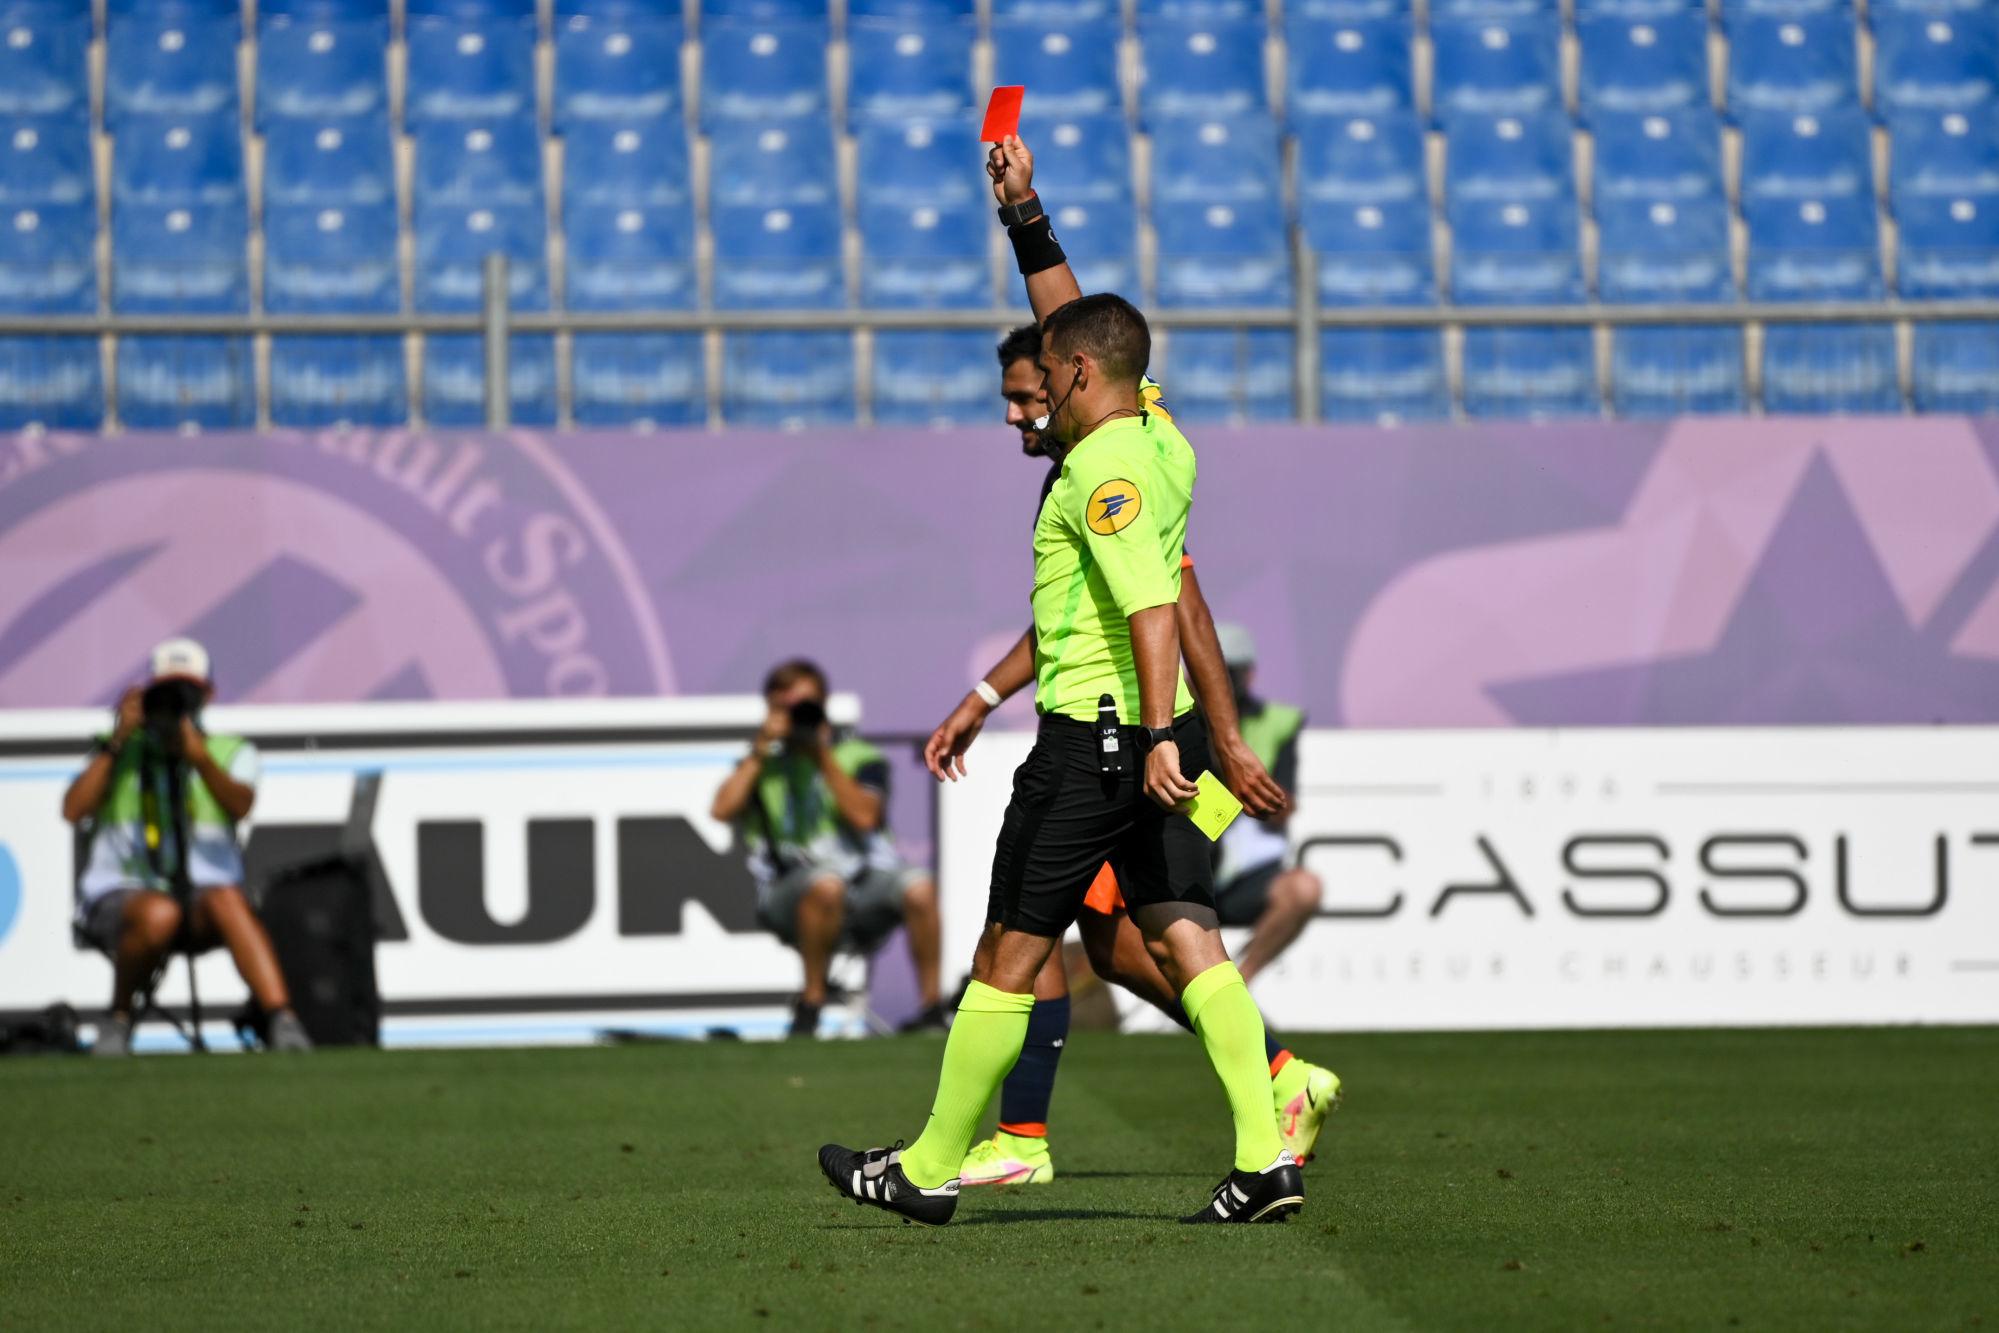 PSG/Angers - Dechepy arbitre du match, attention aux cartons rouges !